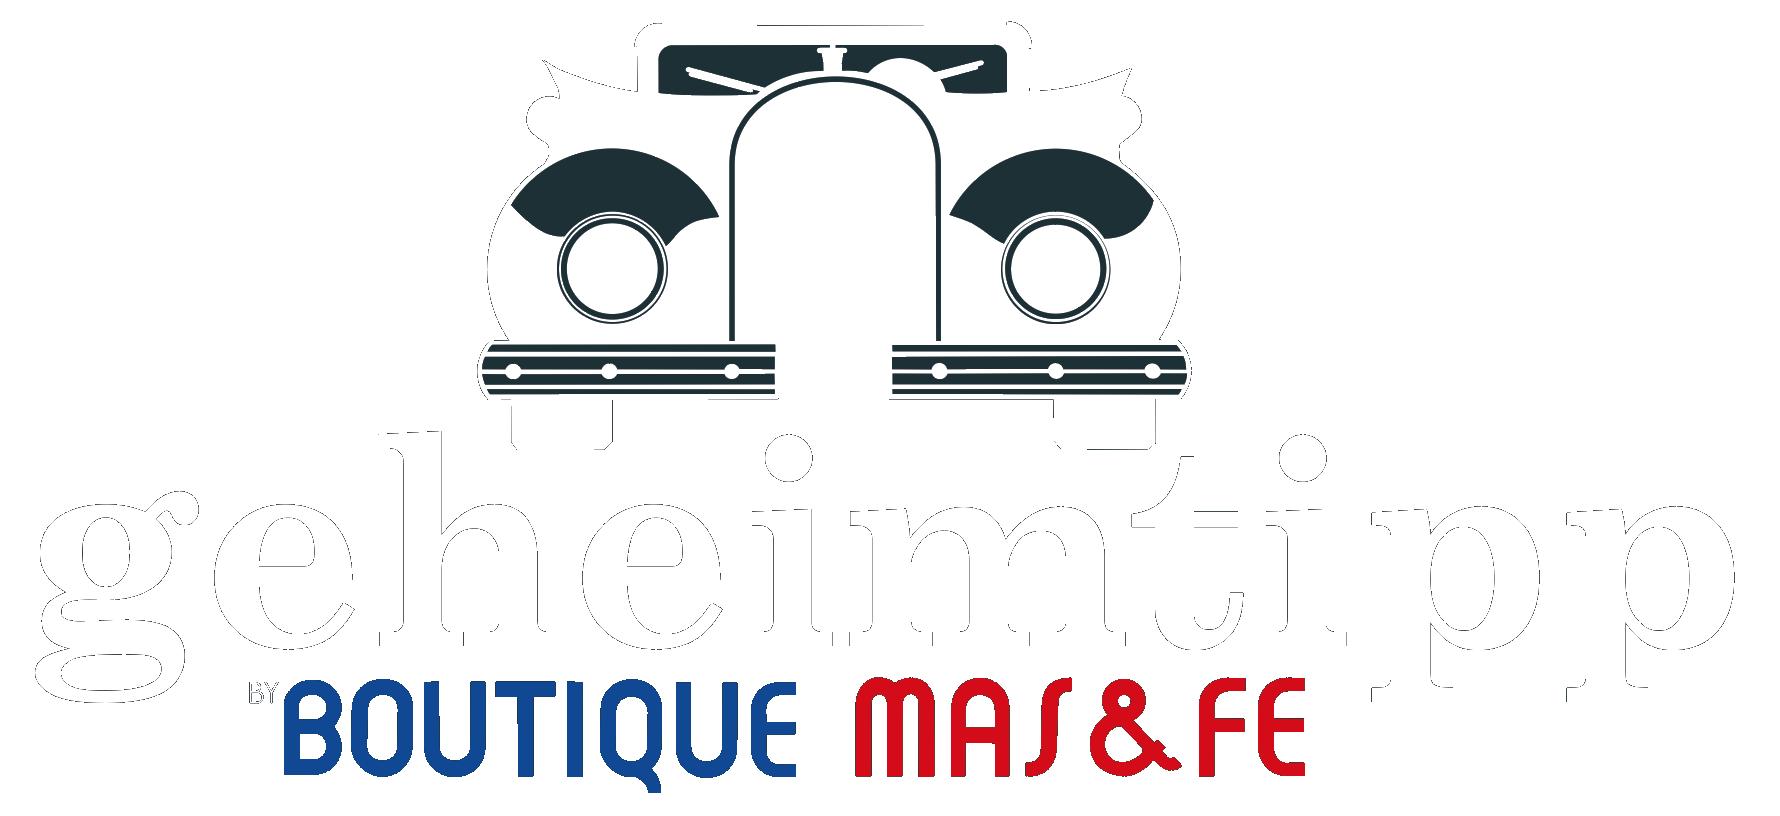 Boutiqe Mas & Fe